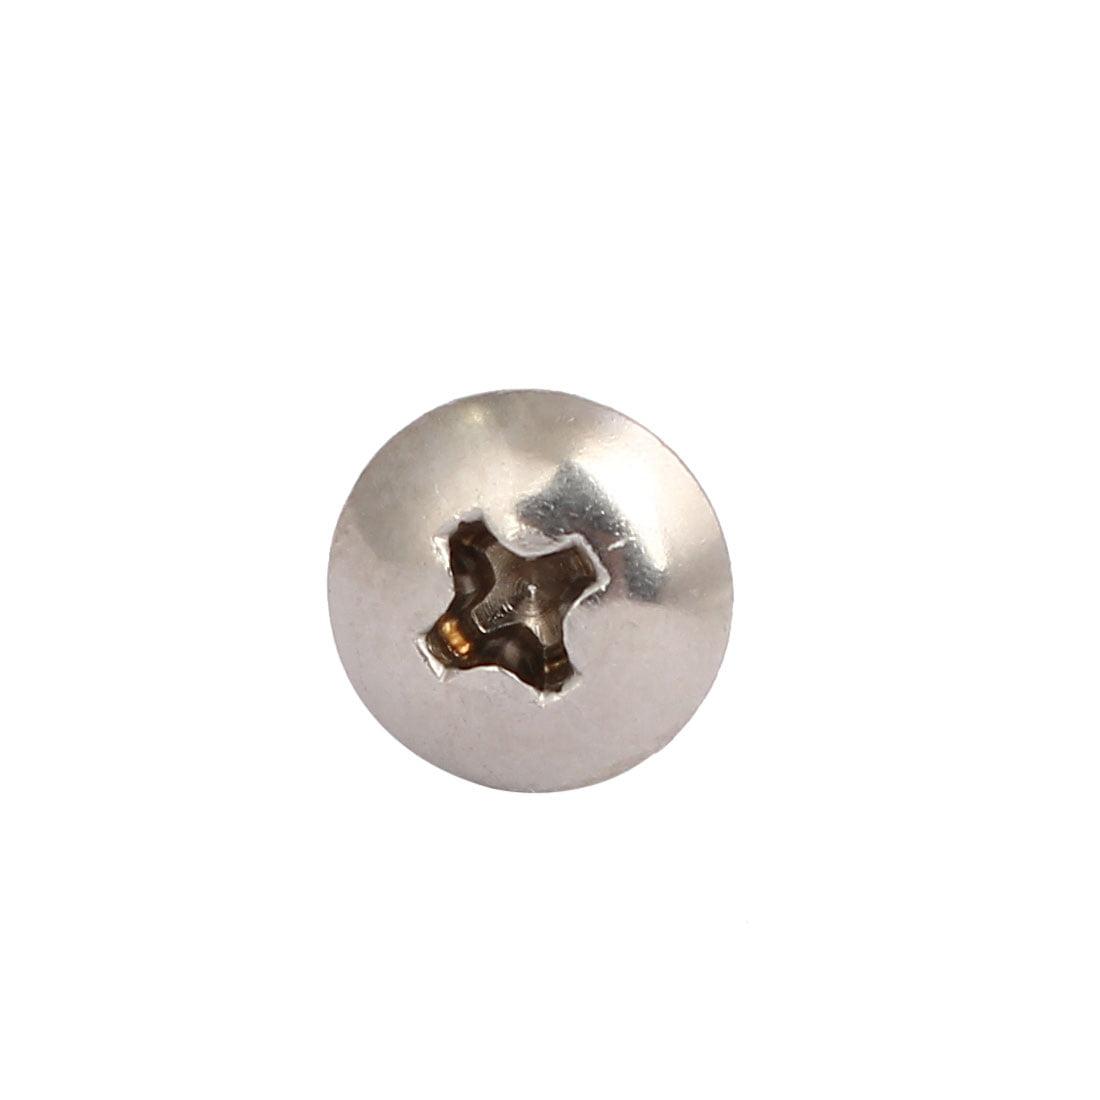 M4x25mm Vis à tête auto-taraudeuse drive cruciforme acier inox 316 10Pcs - image 1 de 3